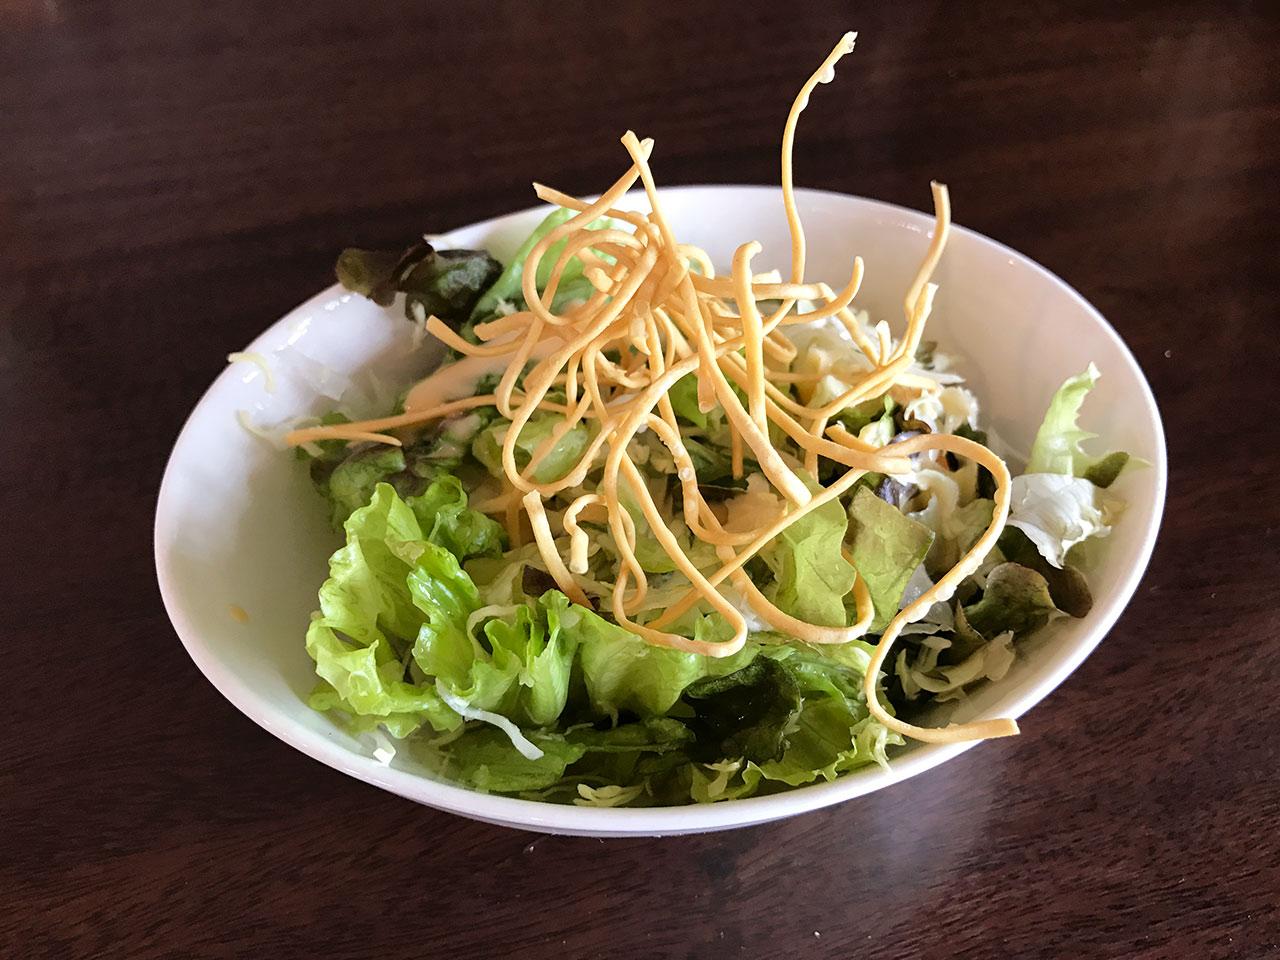 花小金井「杏s カフェ」のランチセットのサラダ